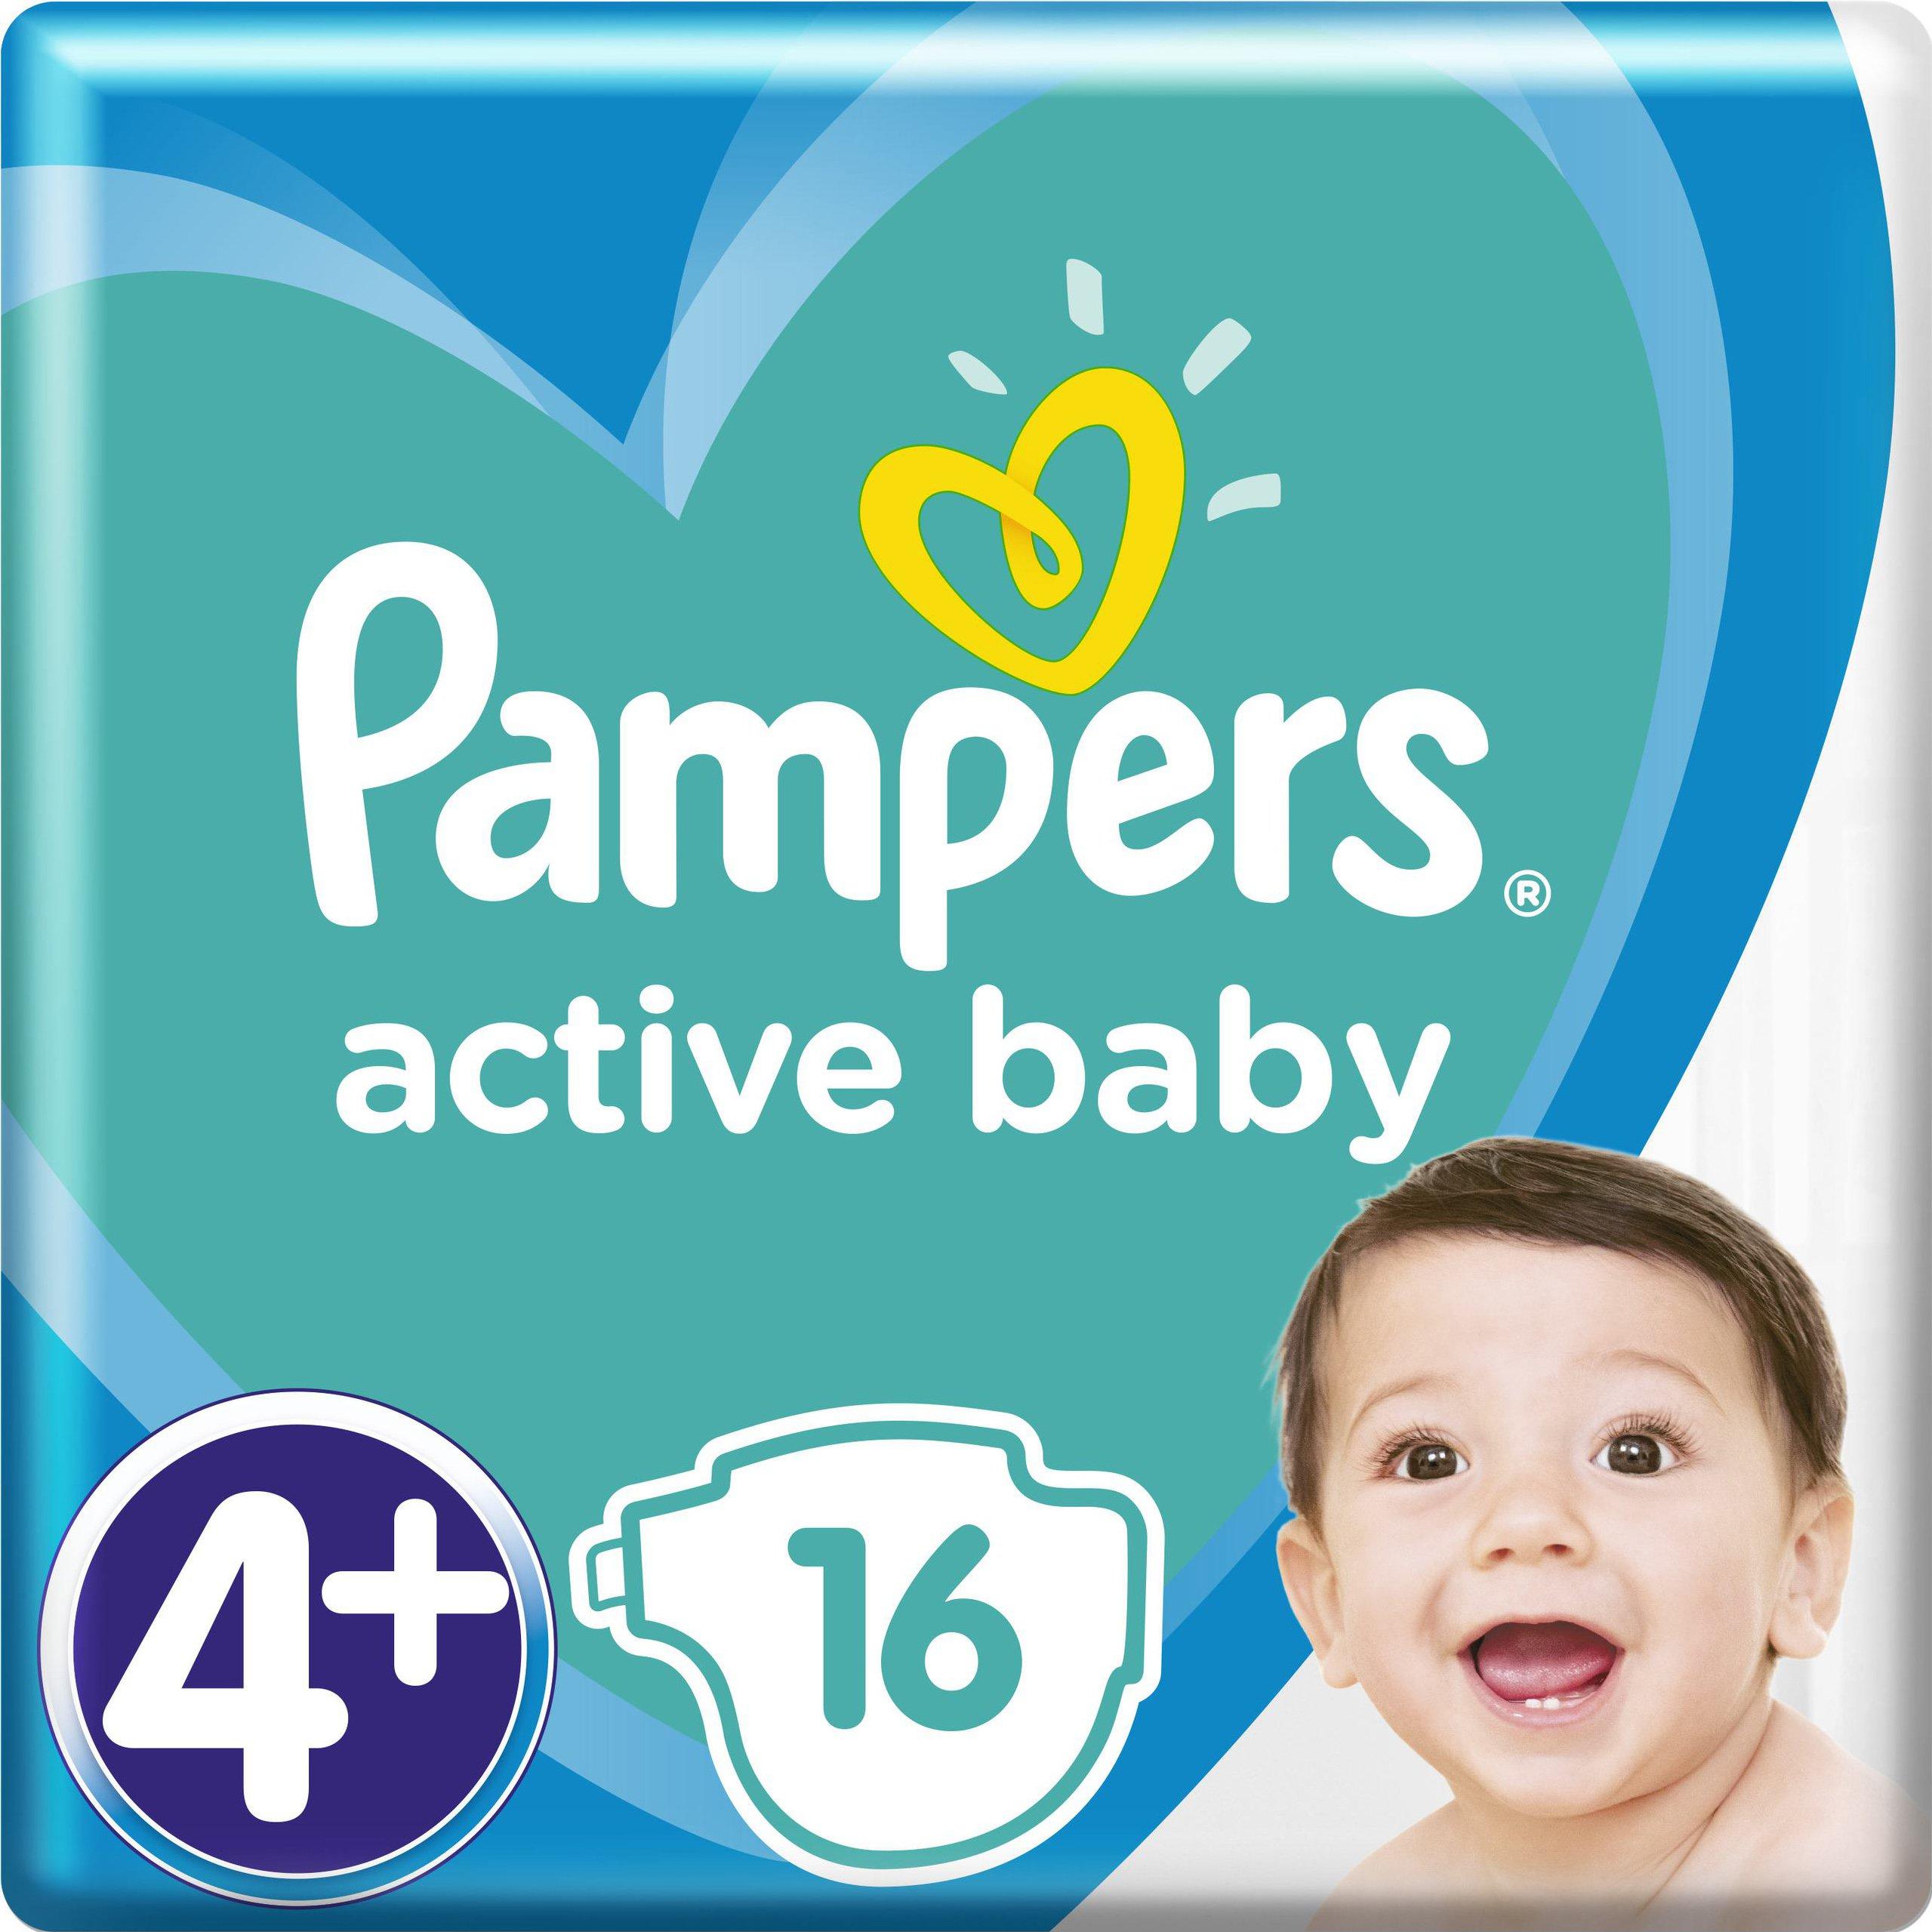 Pampers Active Baby Πάνες Νο4+ (10-15 kg), 16 Πάνες μητέρα παιδί   περιποίηση για το μωρό   πάνες για το μωρό